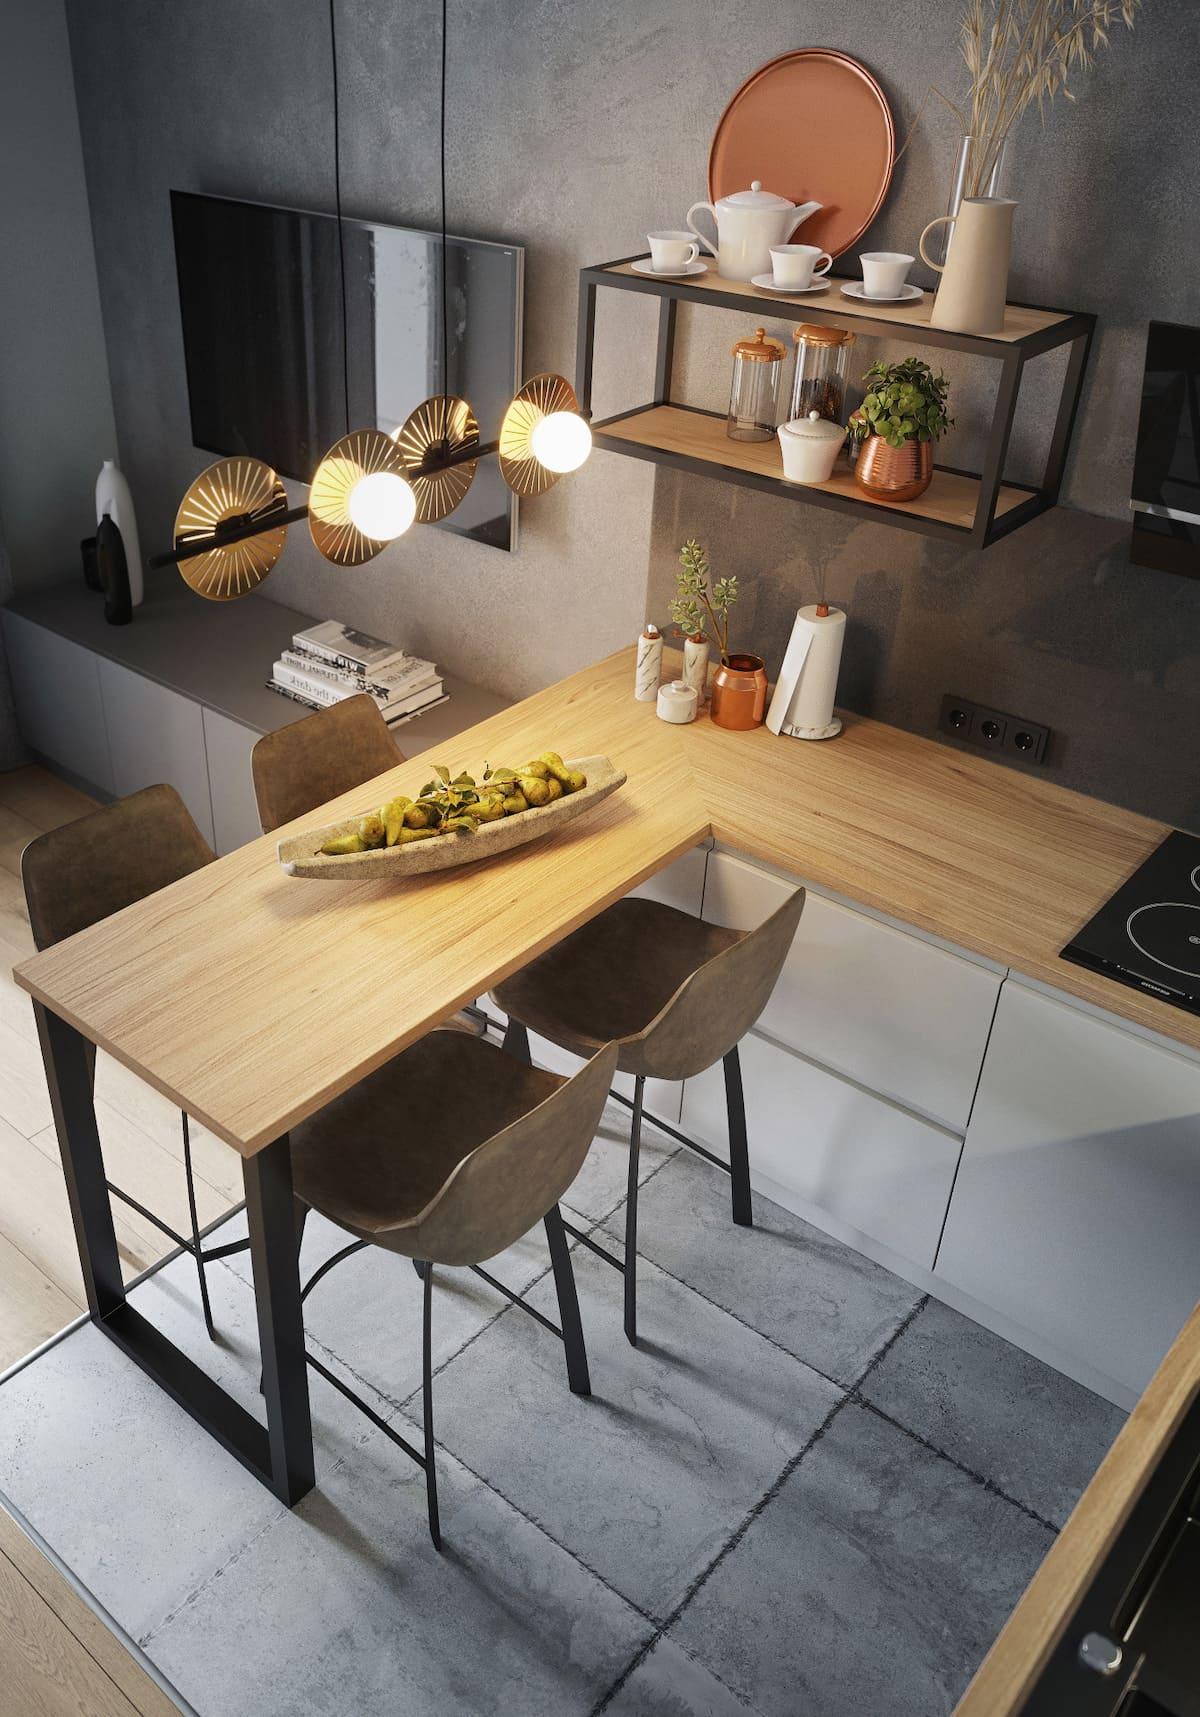 дизайн кухни в современном стиле фото 92